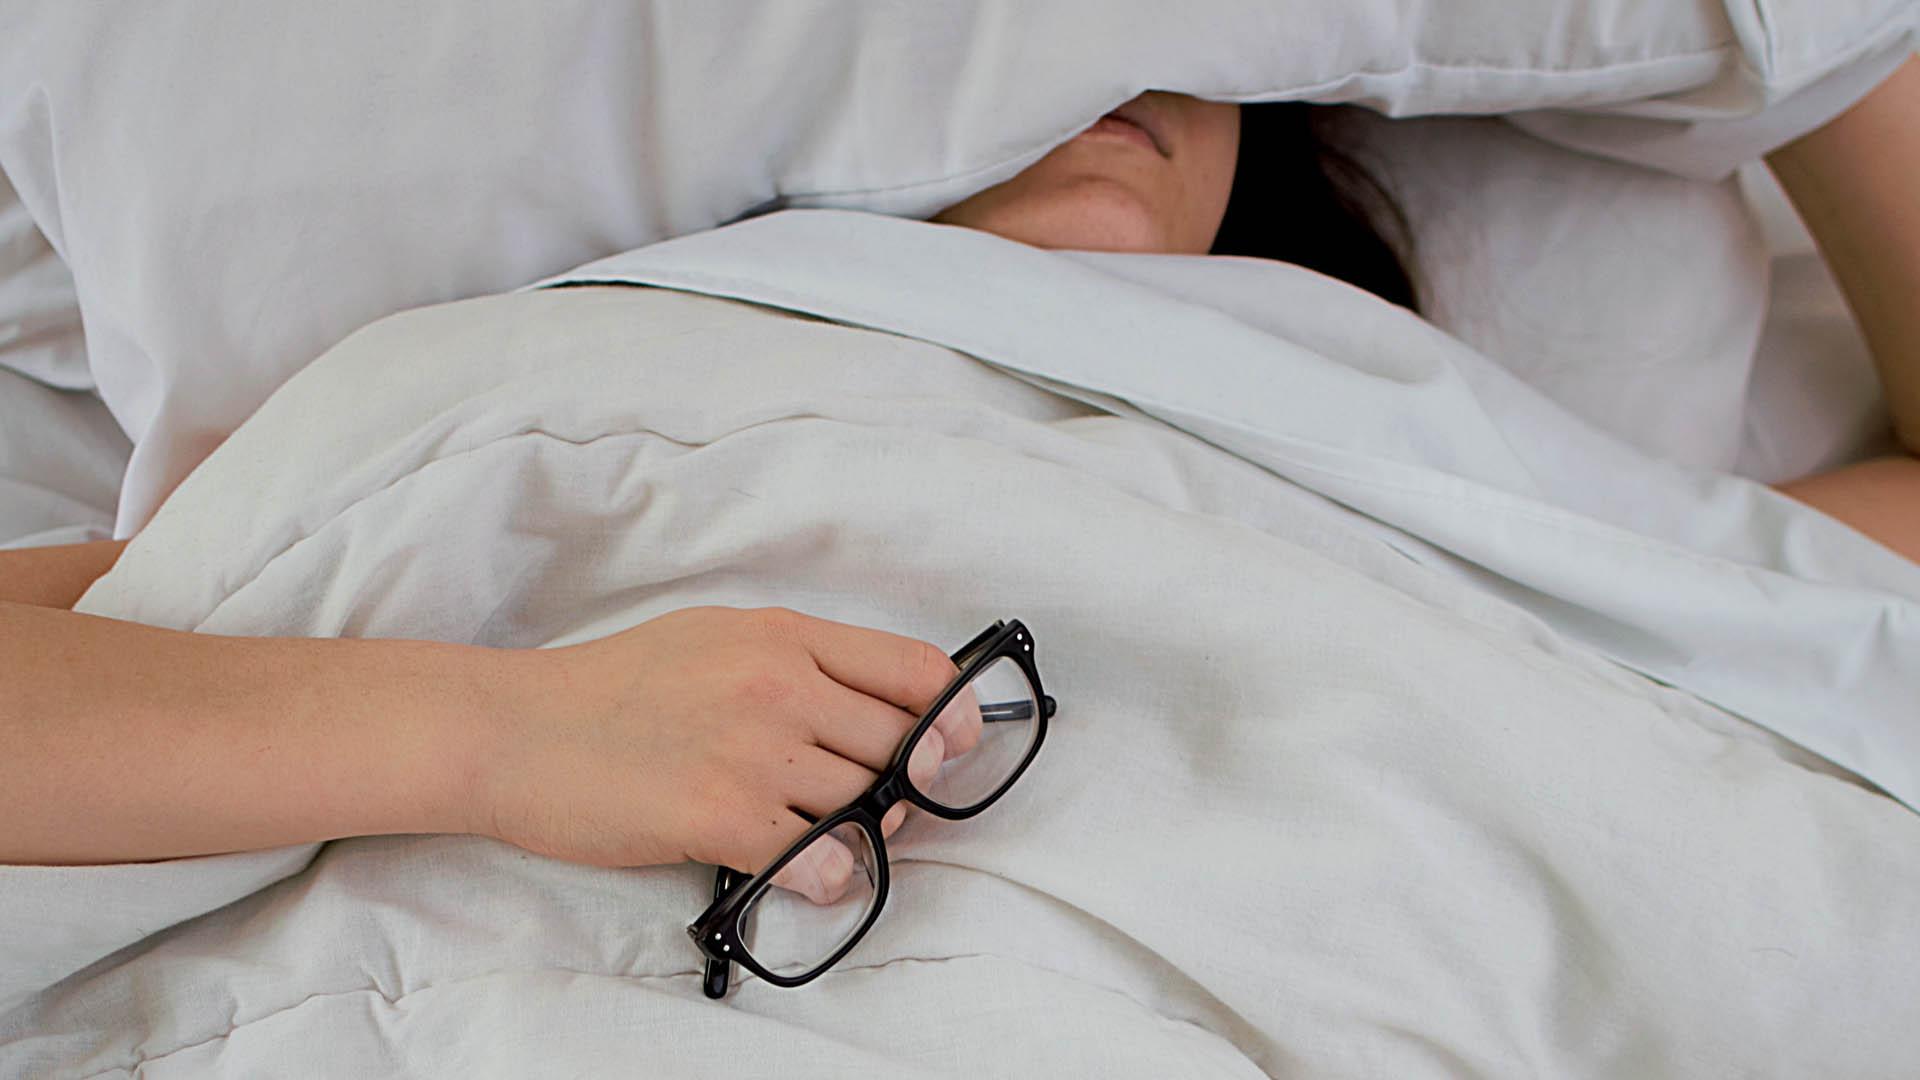 Dormir sueño descanso